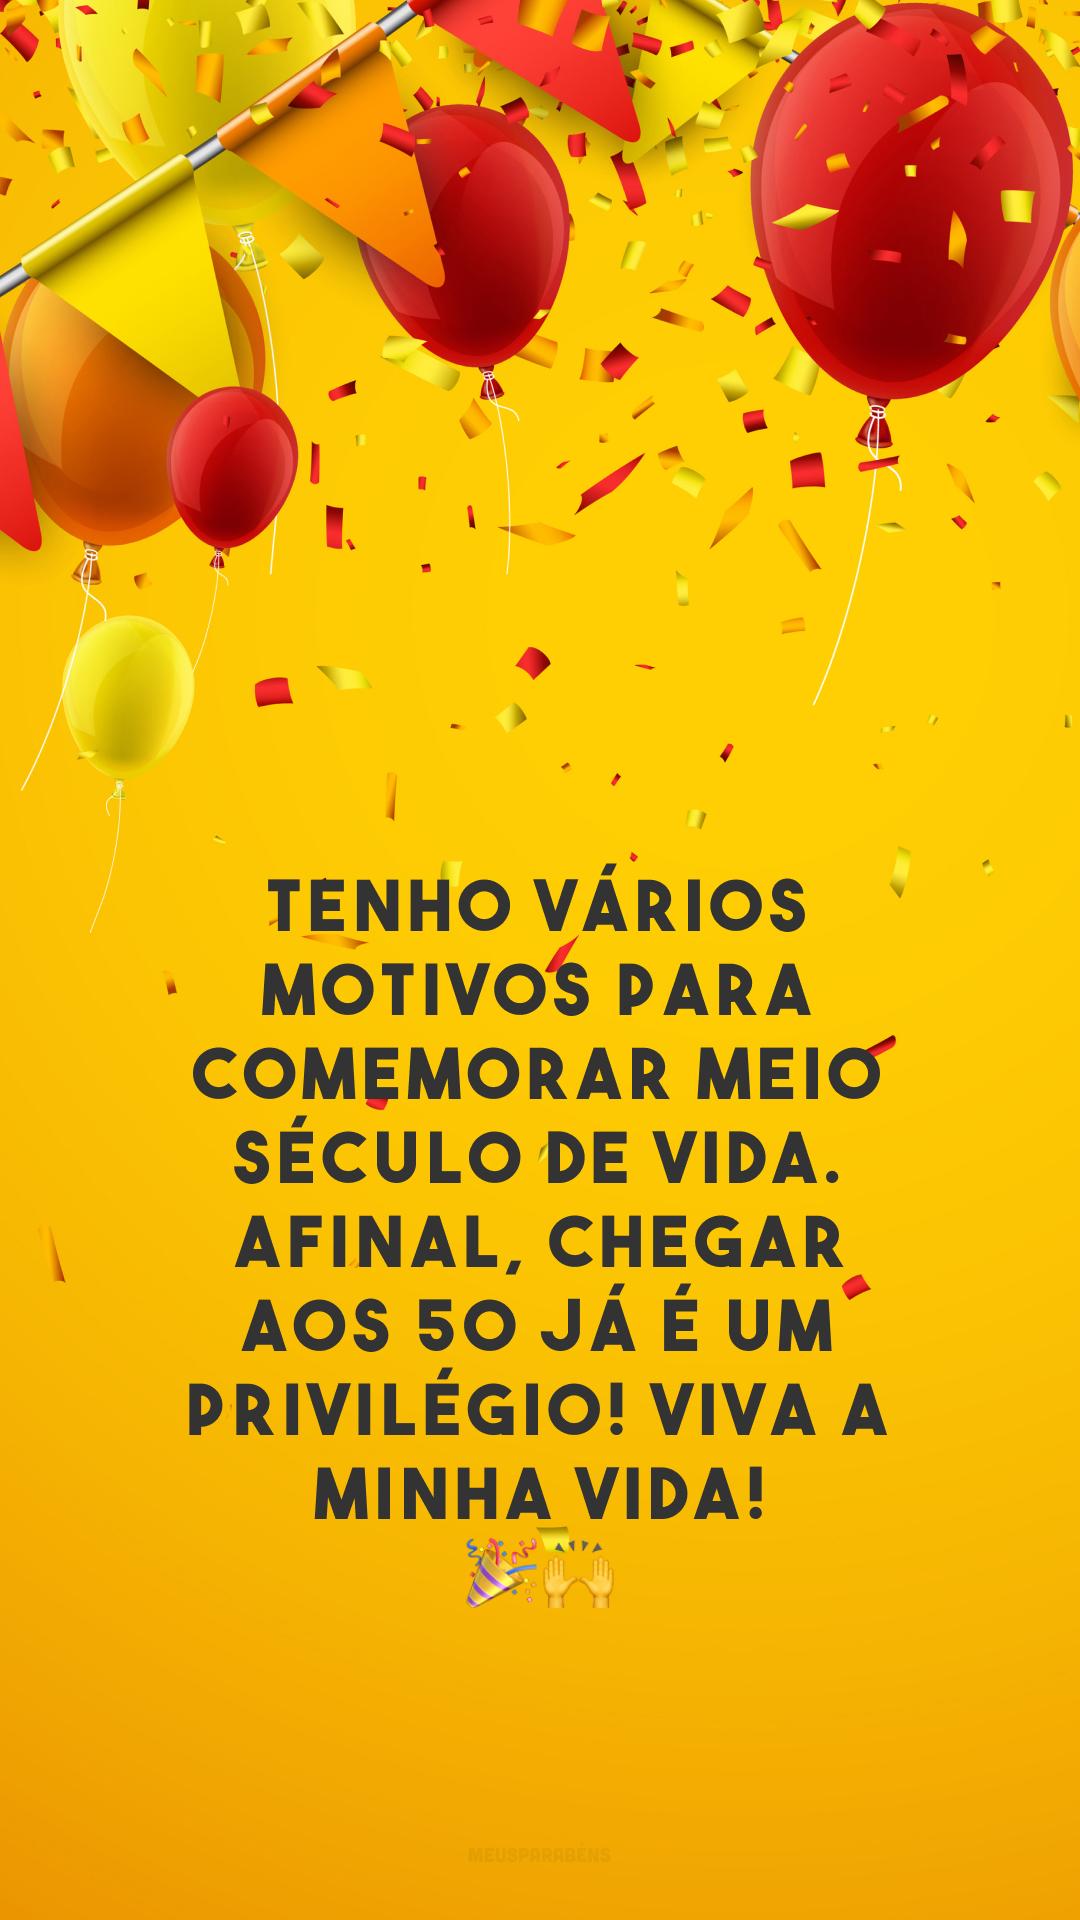 Tenho vários motivos para comemorar meio século de vida. Afinal, chegar aos 50 já é um privilégio! Viva a minha vida! 🎉🙌